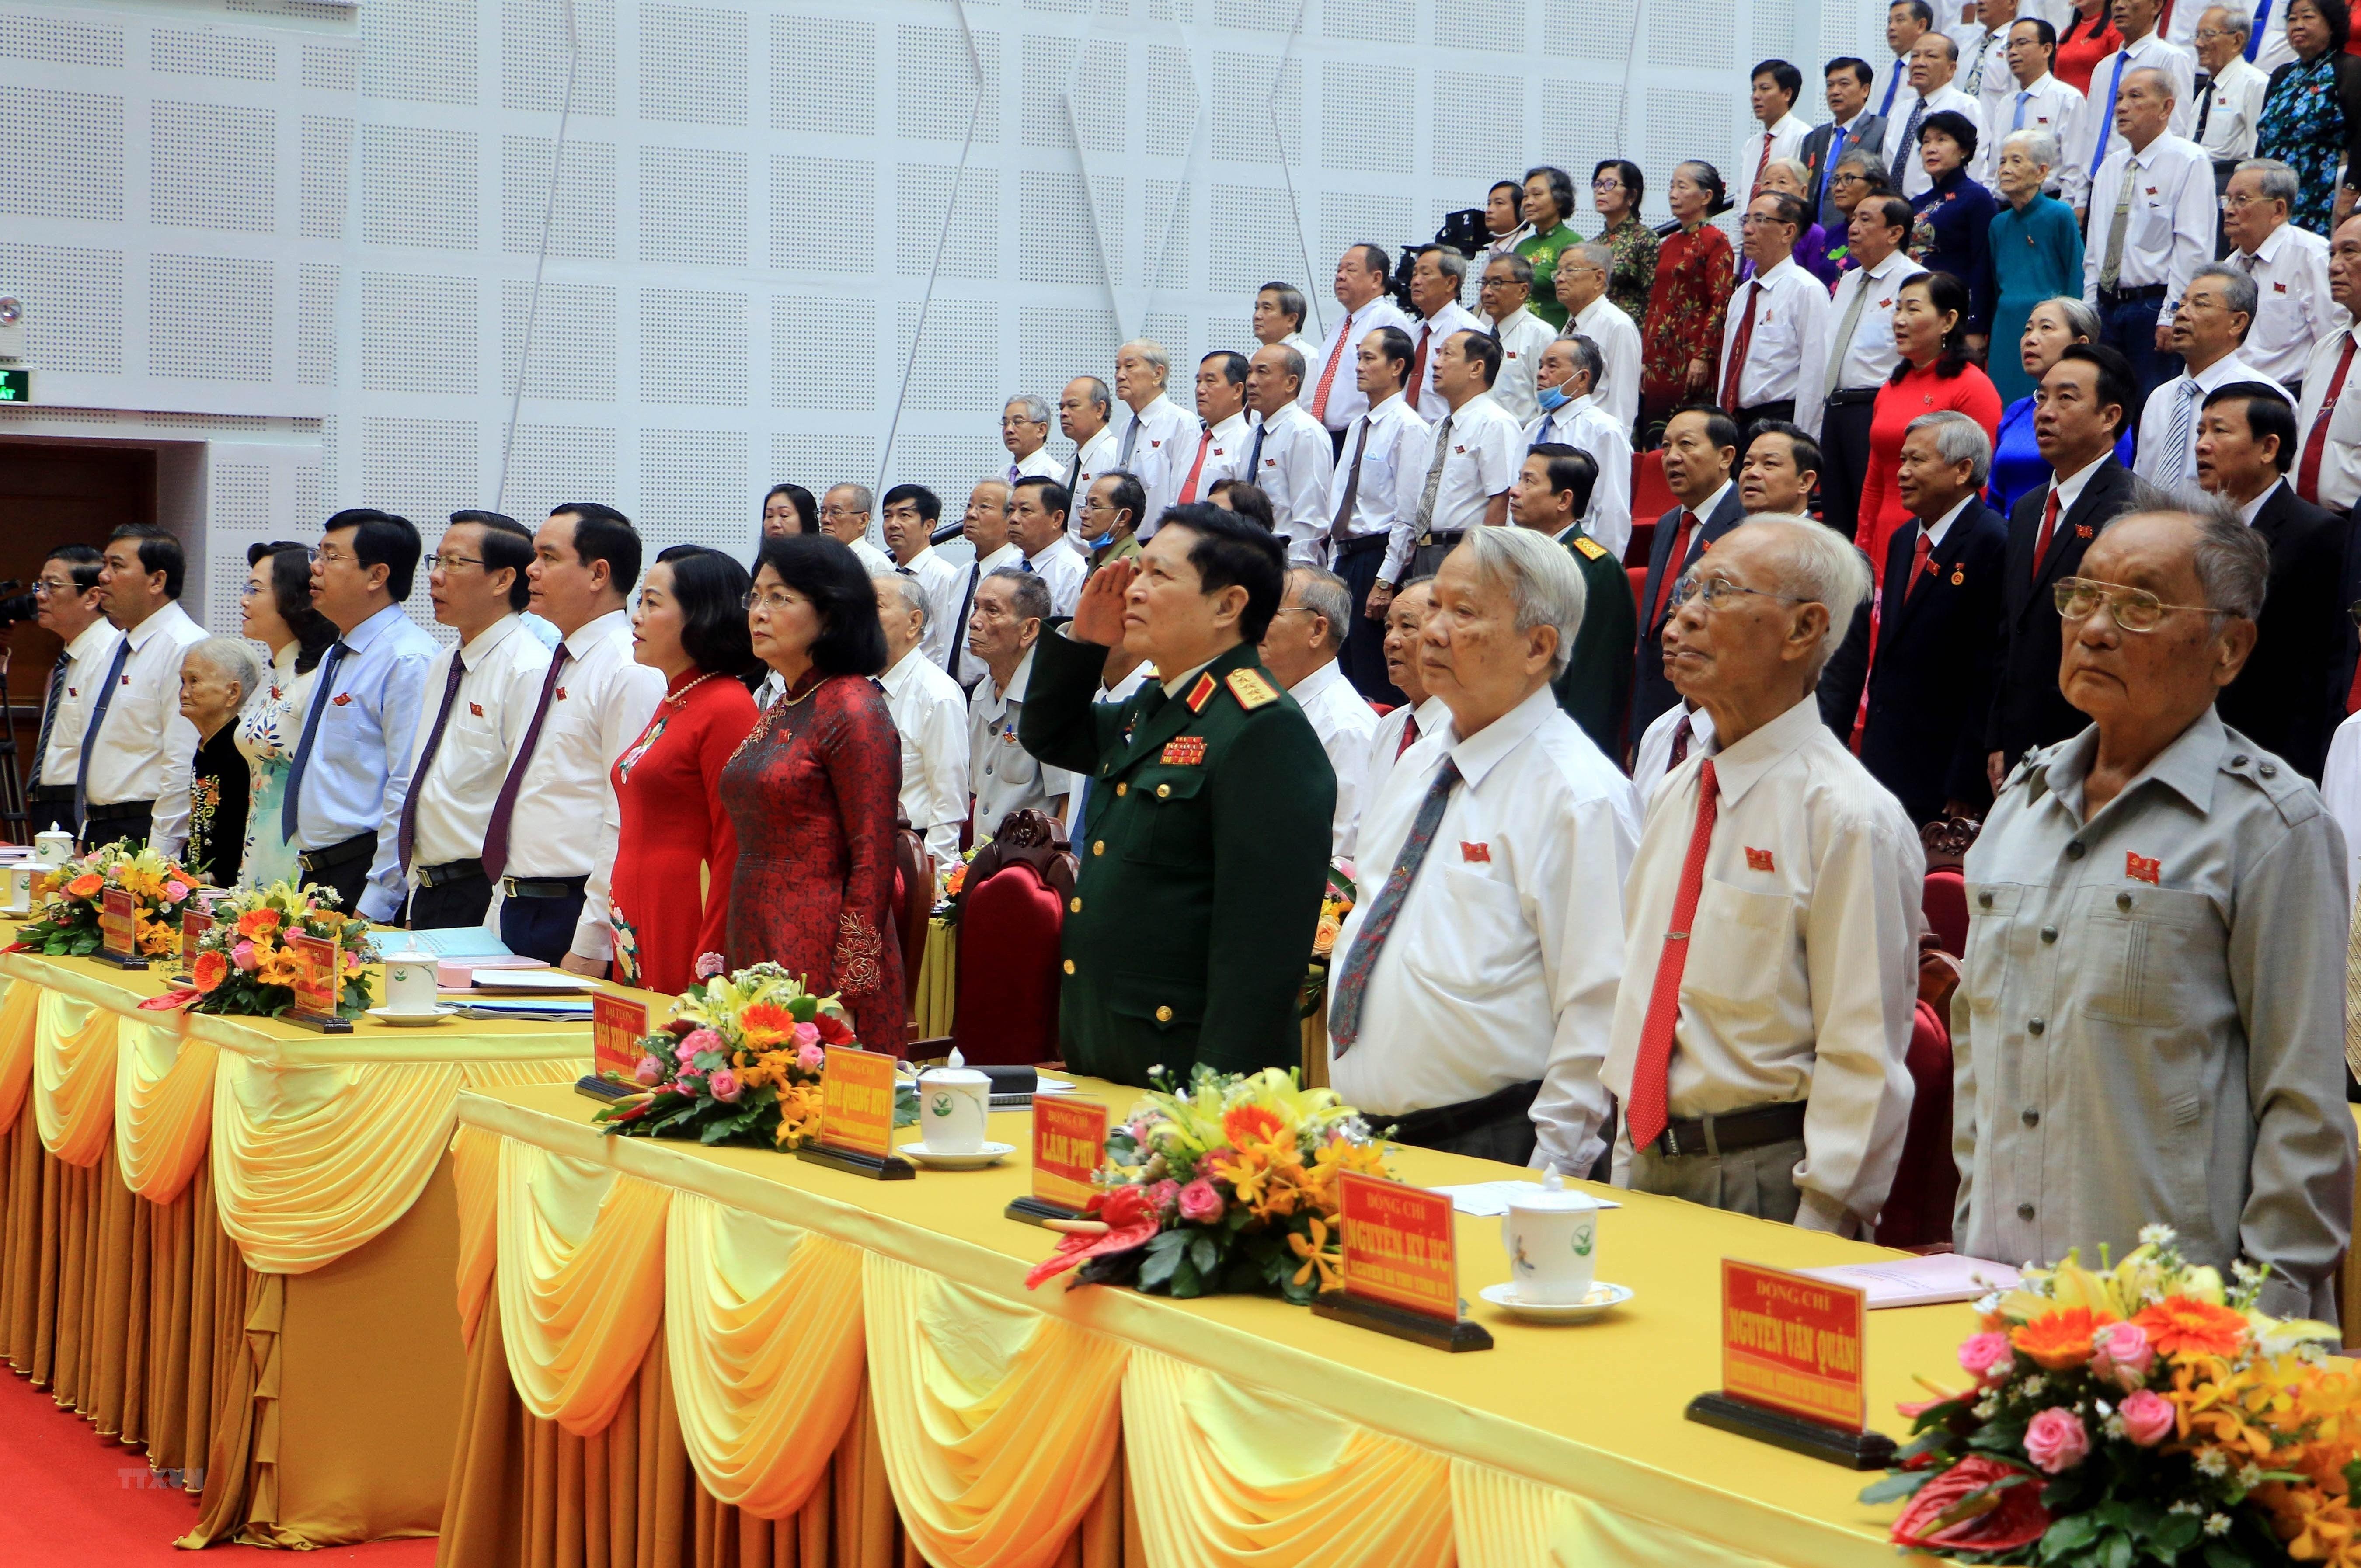 [Photo] Khai mac Dai hoi Dang bo tinh Vinh Long nhiem ky 2020-2025 hinh anh 5